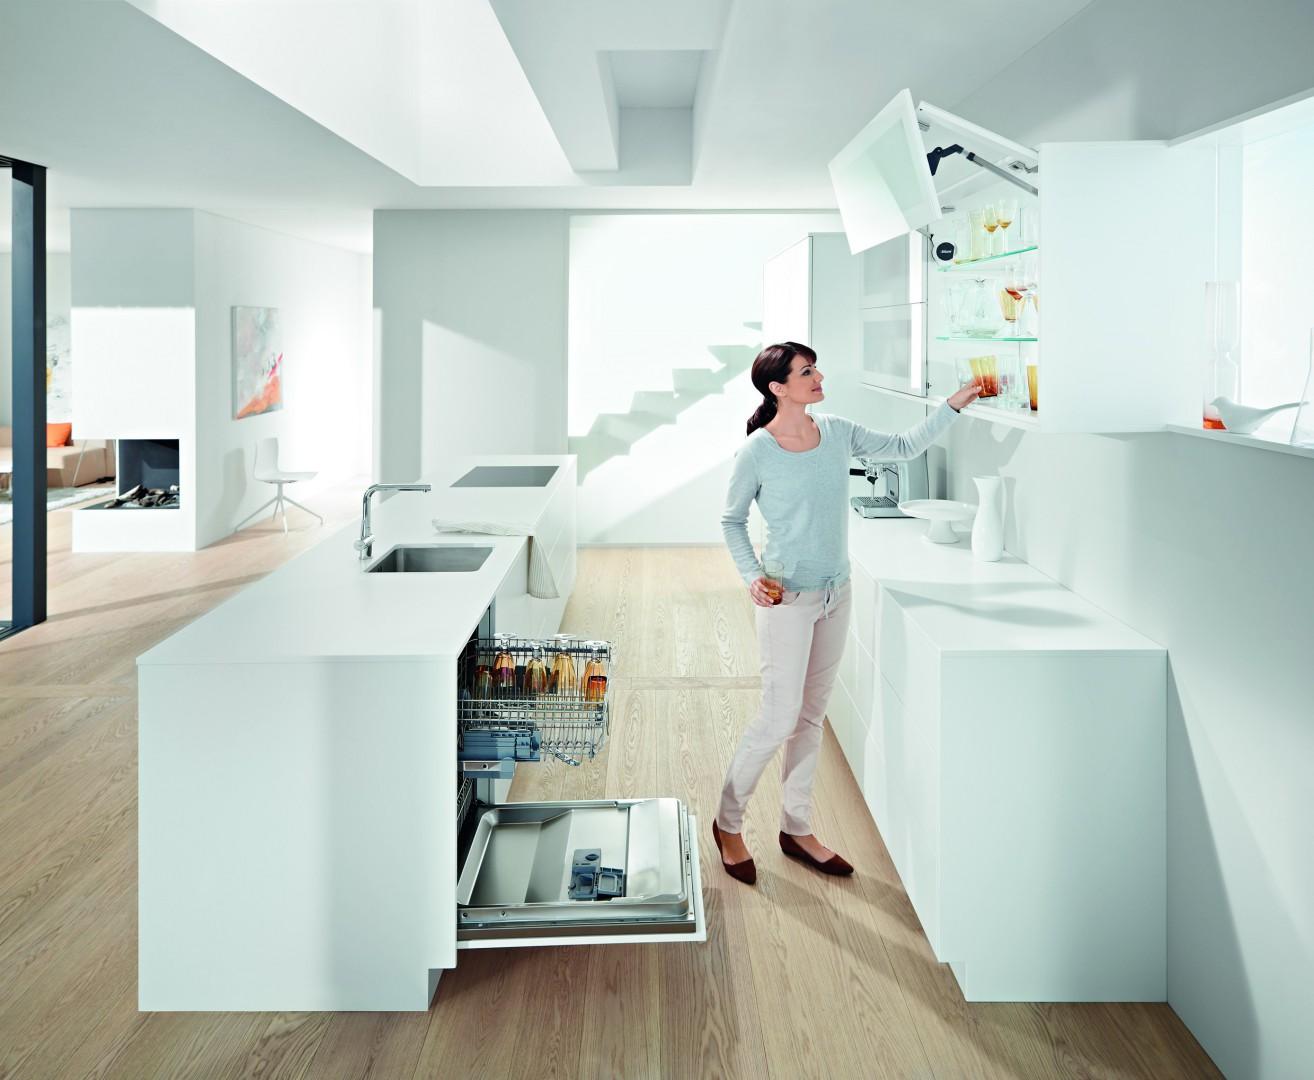 Wybieramy Meble Przechowywanie W Kuchni Pomysły Na Szafki